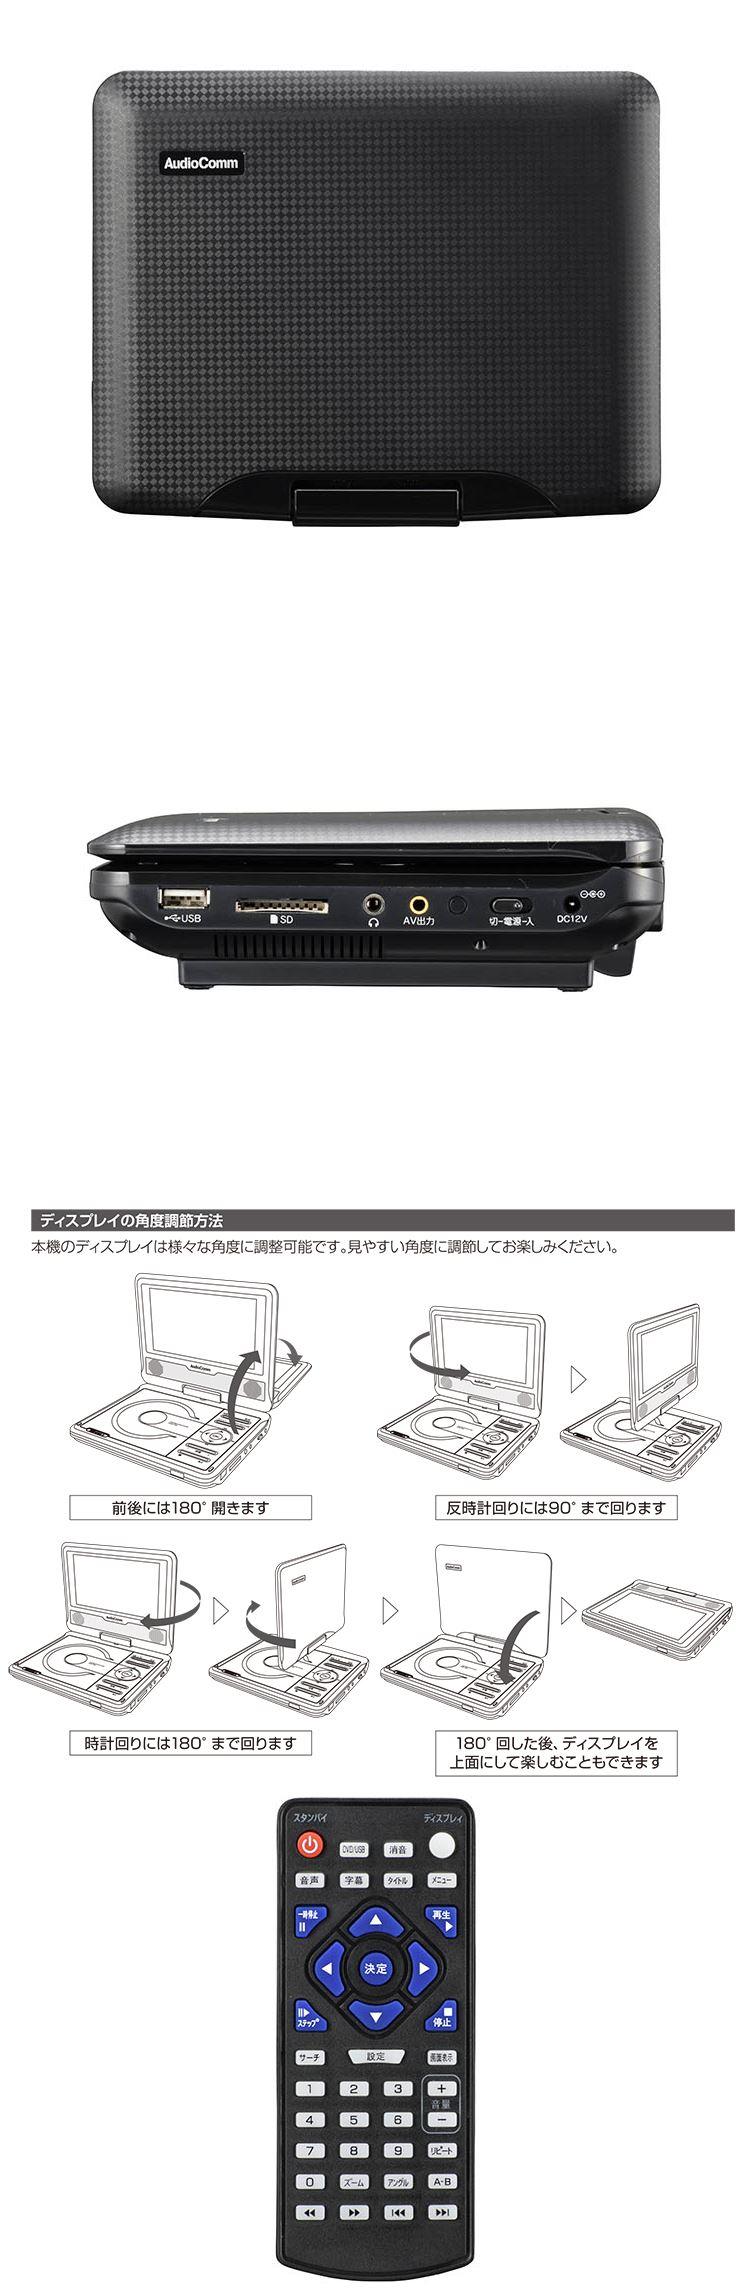 オーム電機 ポータブルDVDプレーヤー(7インチ) DVDP-372Z